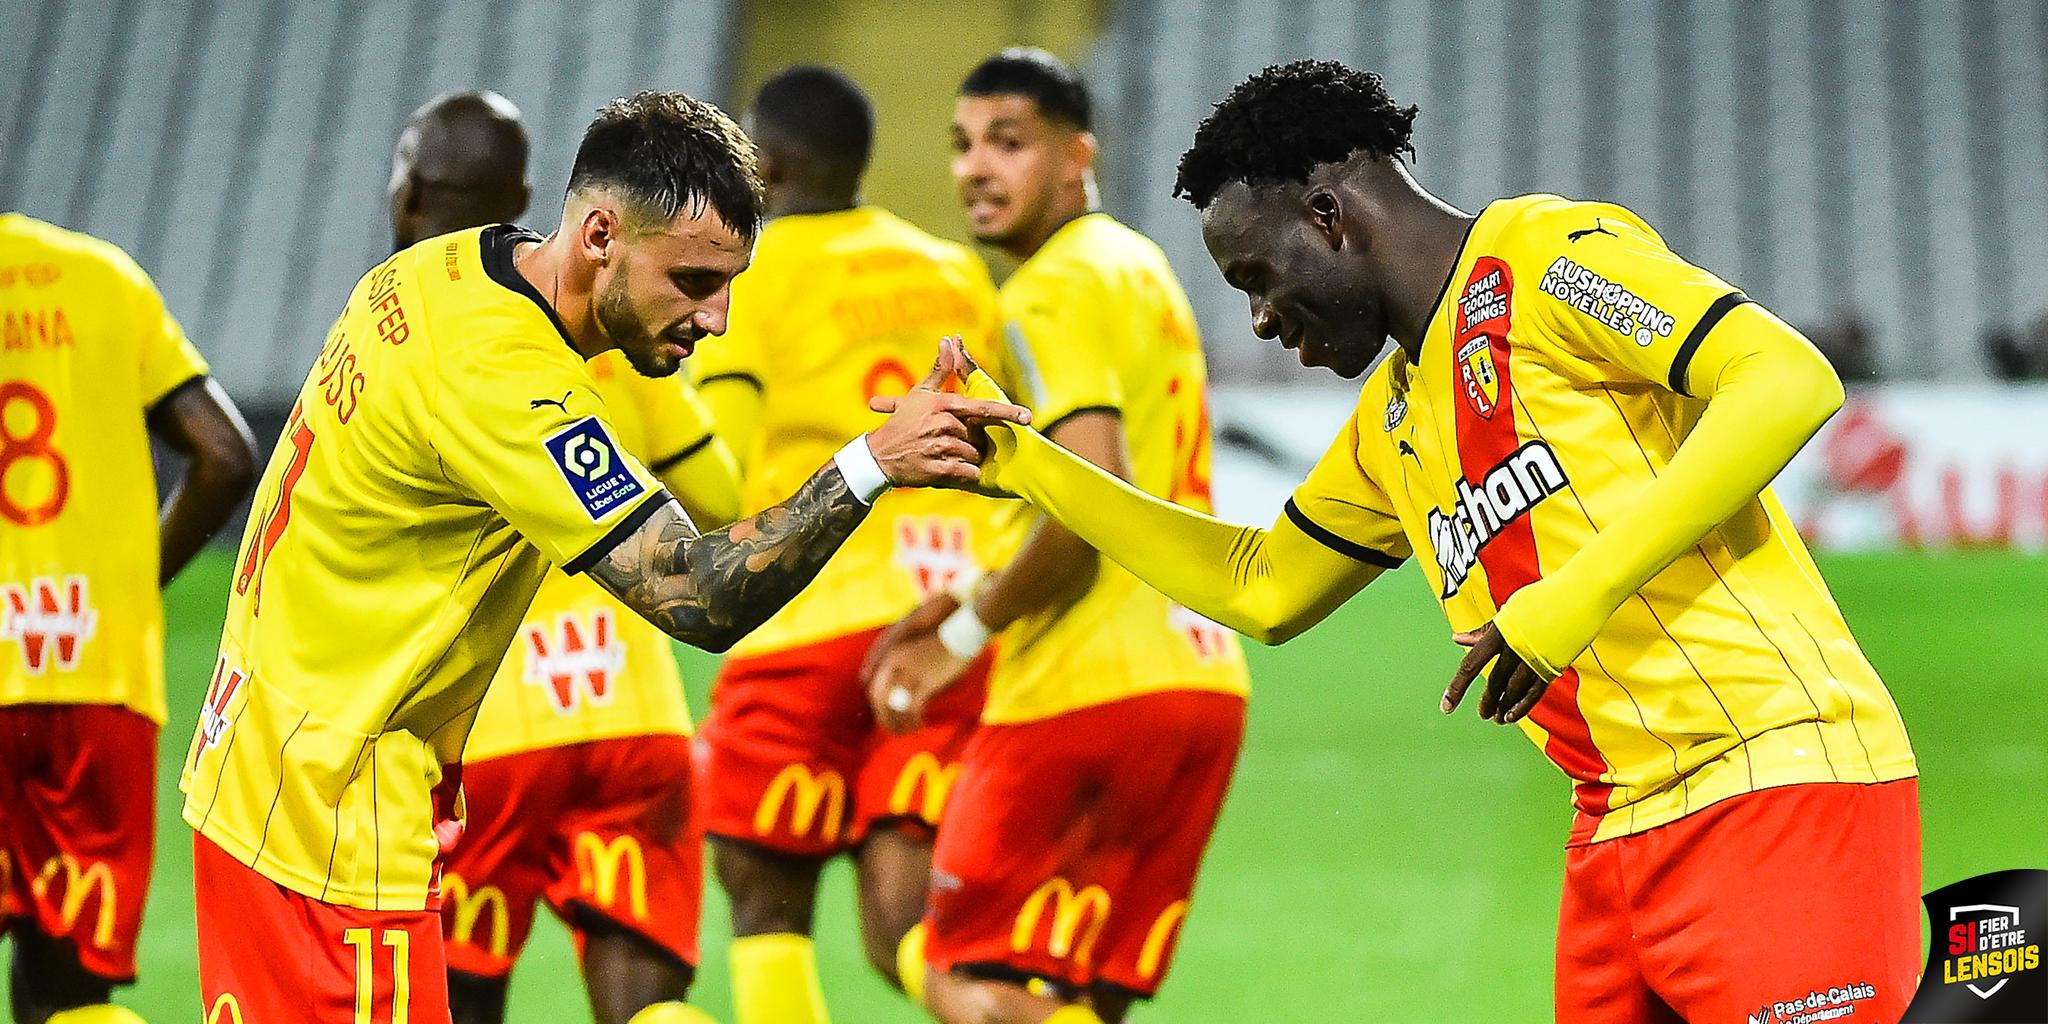 RC Lens-Stade de Reims (2-0) : Des Lensois séduisants